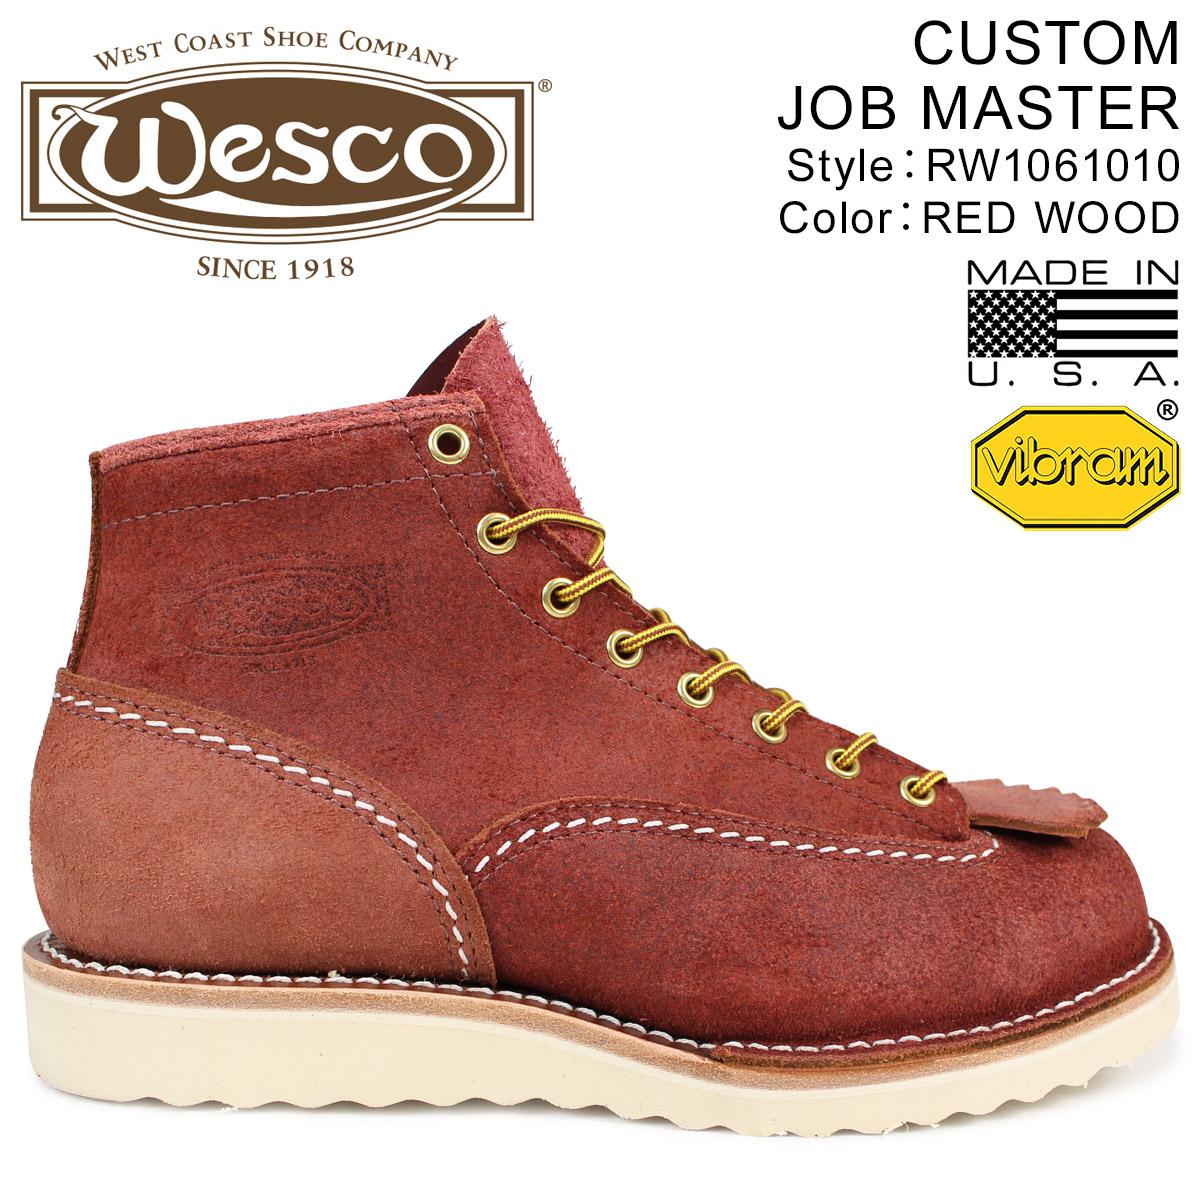 WESCO ジョブマスター ウエスコ ブーツ 6インチ カスタム 6INCH CUSTOM JOB MASTER 2Eワイズ スエード メンズ ブラウン RW1061010 ウェスコ